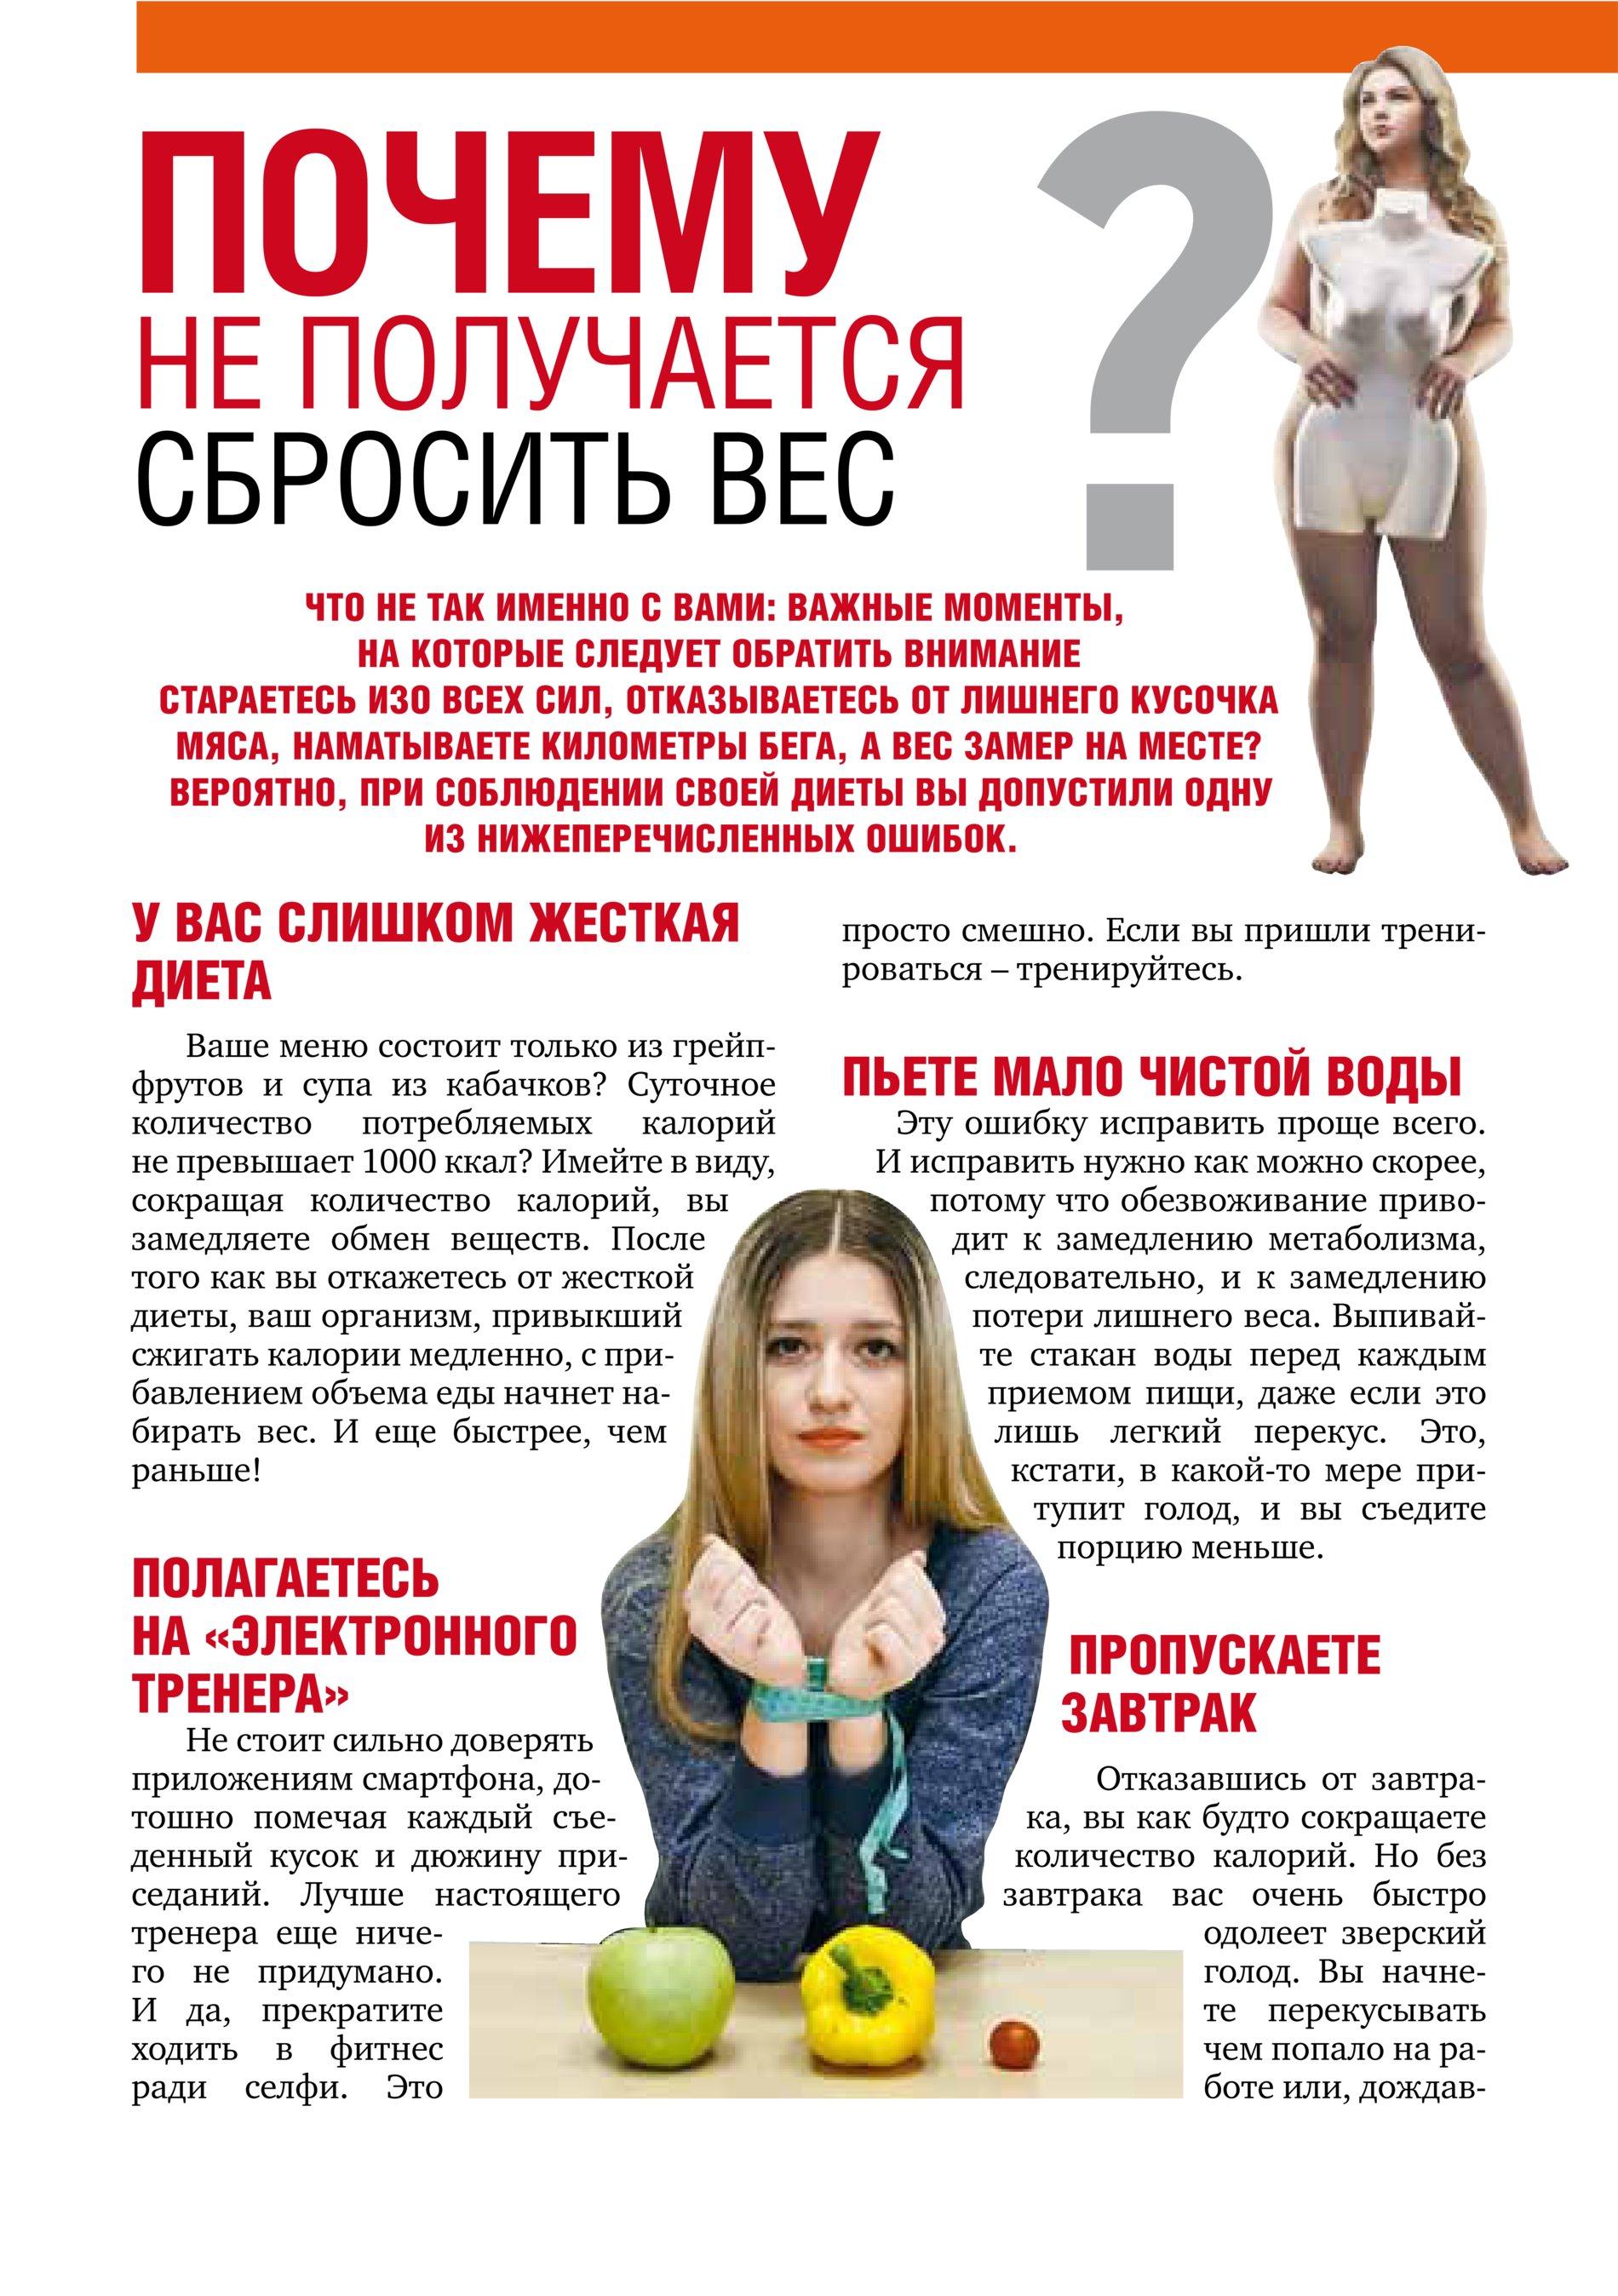 Похудение Настоящие Советы.